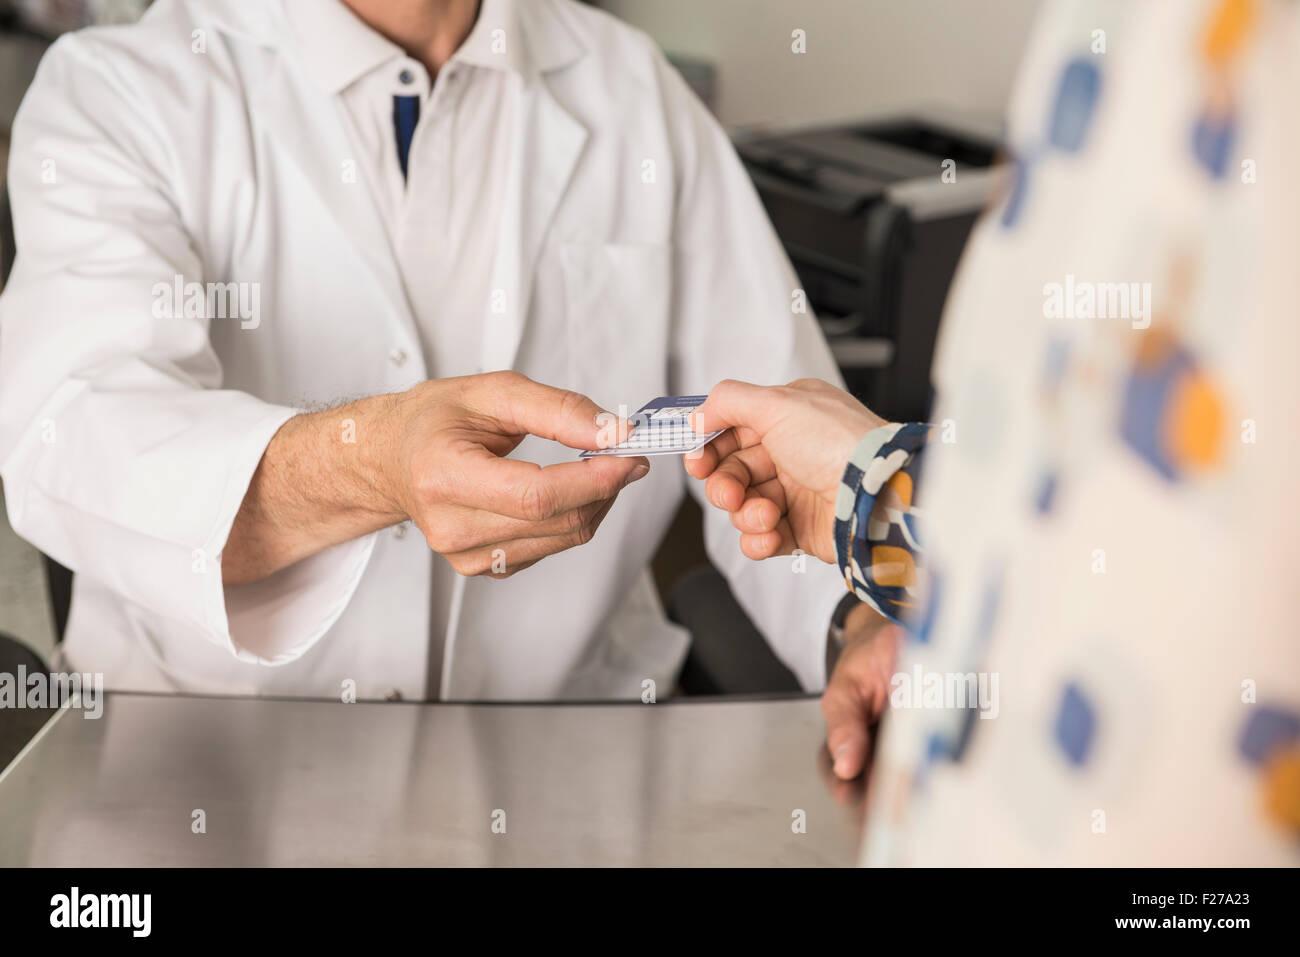 Paziente dando una carta di assicurazione sanitaria per medico, Monaco di Baviera, Germania Immagini Stock